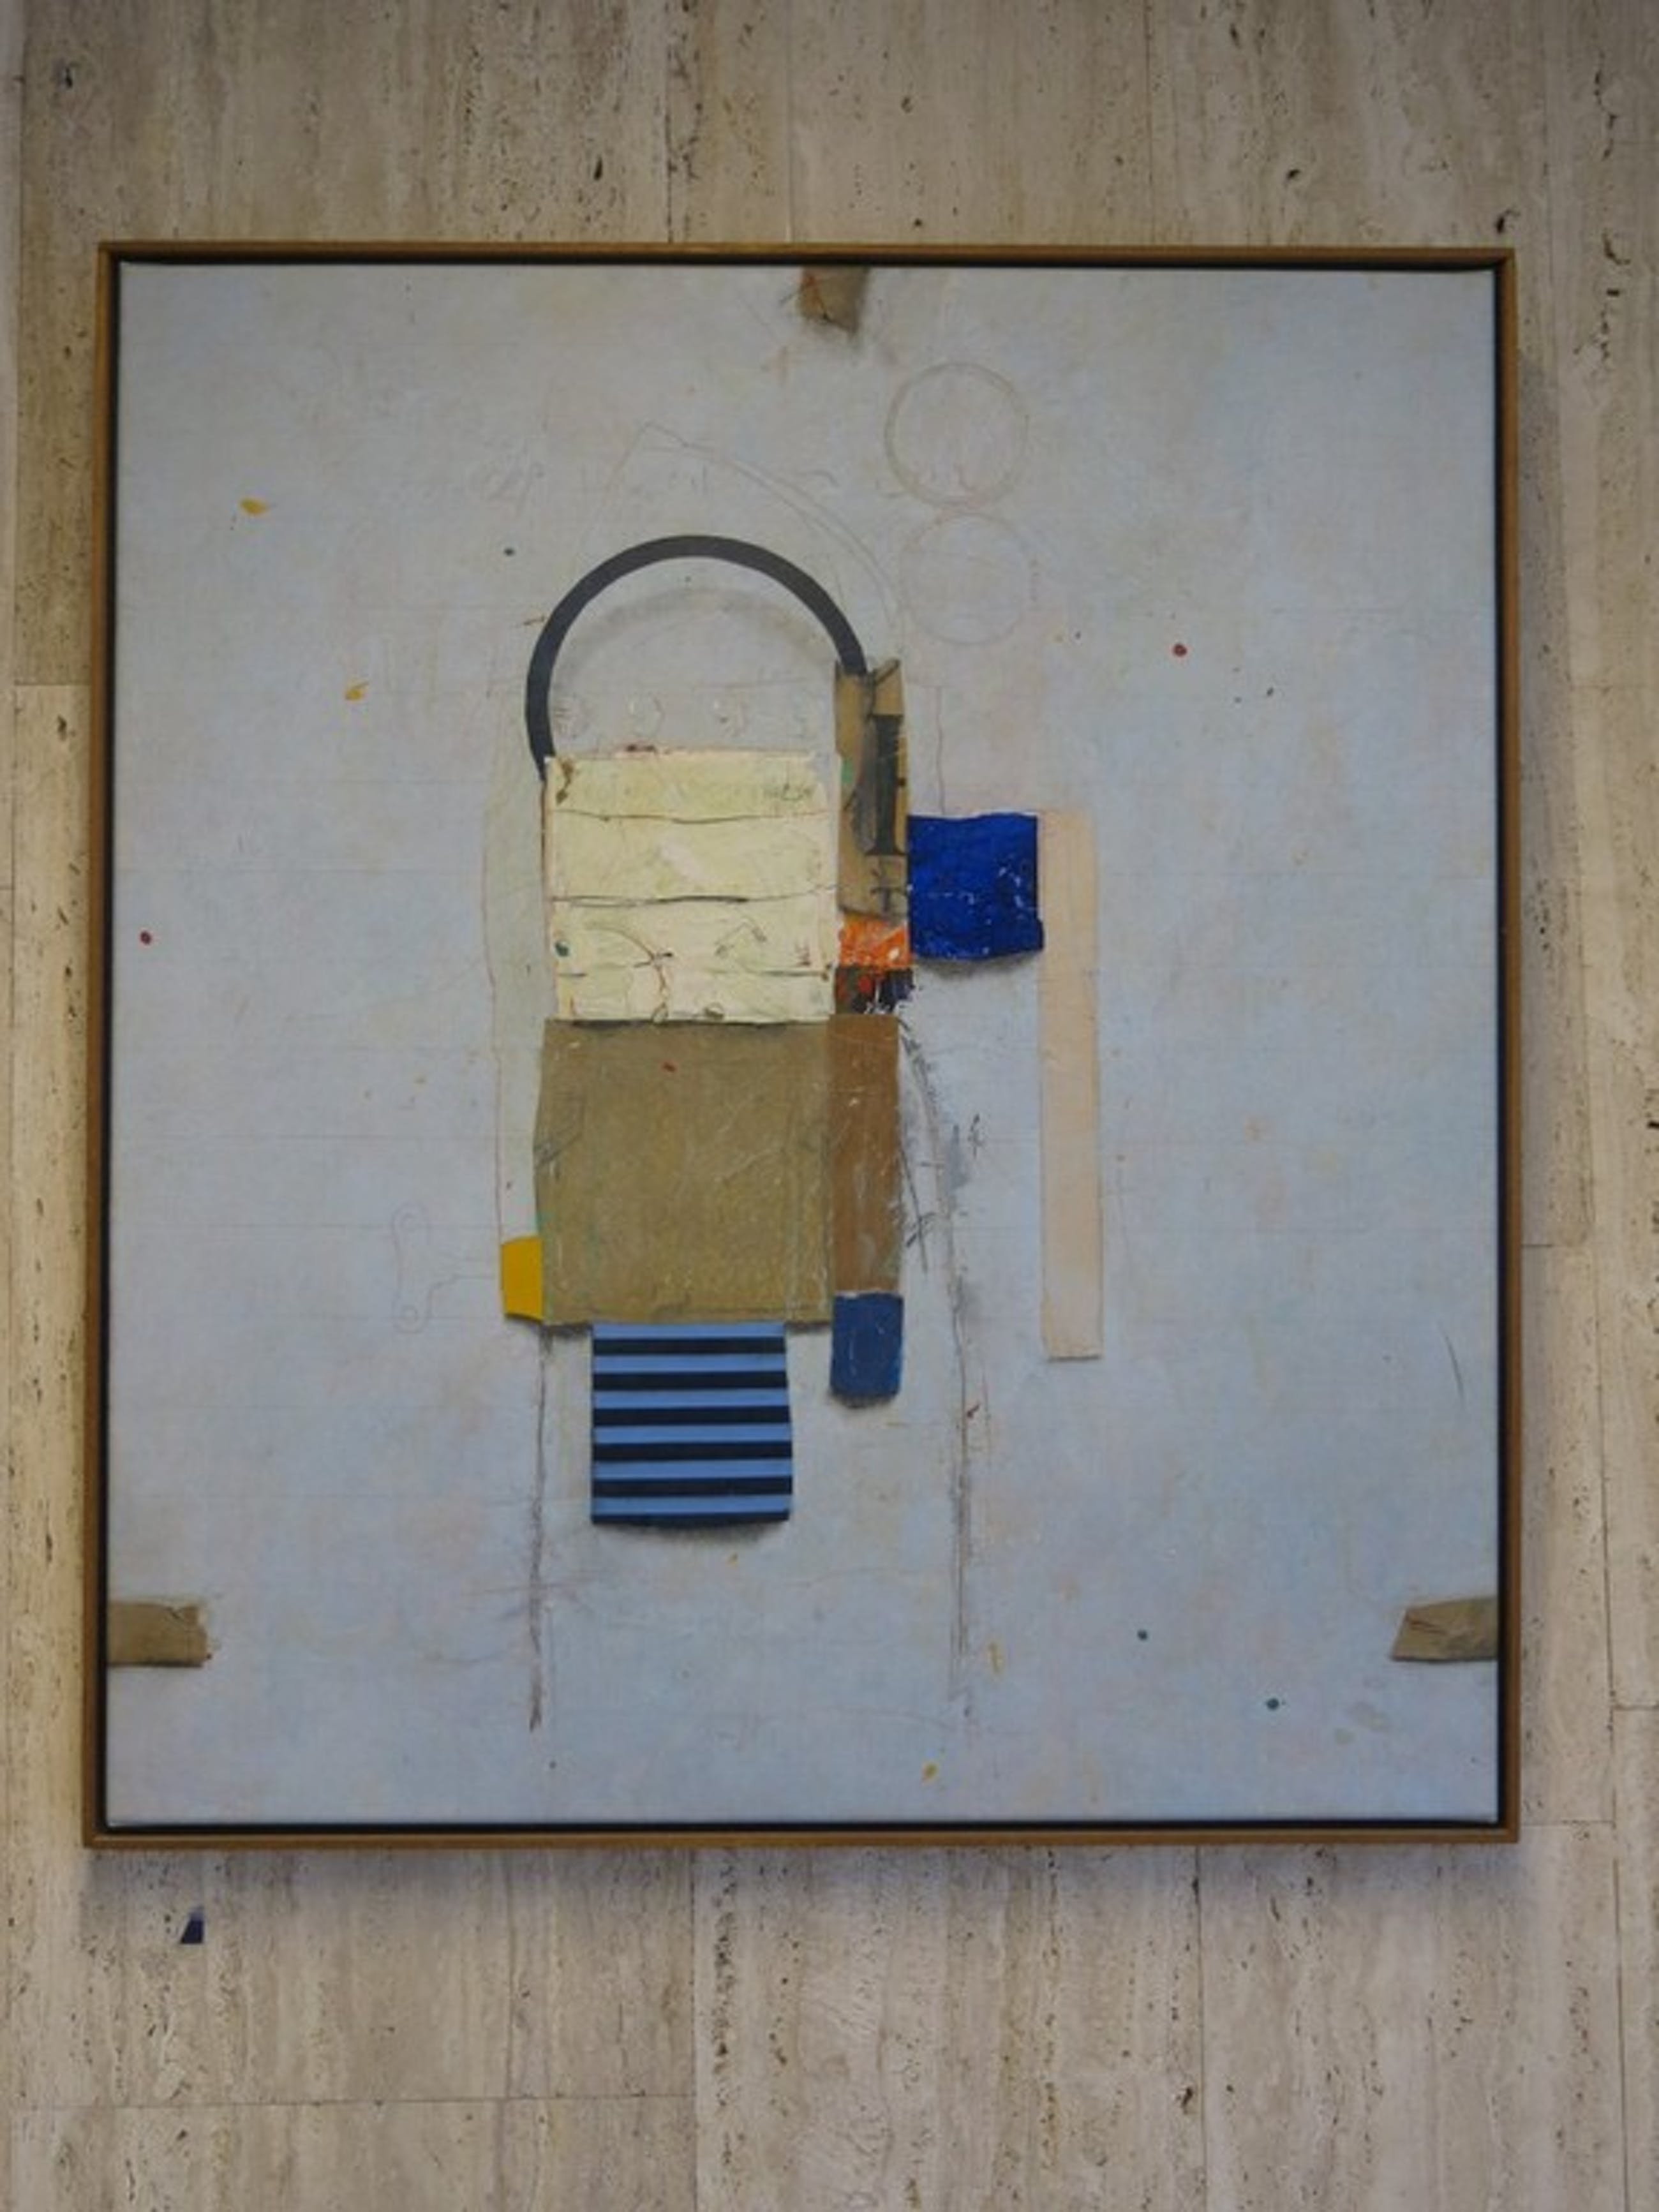 Cole Morgan: Olieverf en Collage op doek, 4 9's - Ingelijst kopen? Bied vanaf 2980!